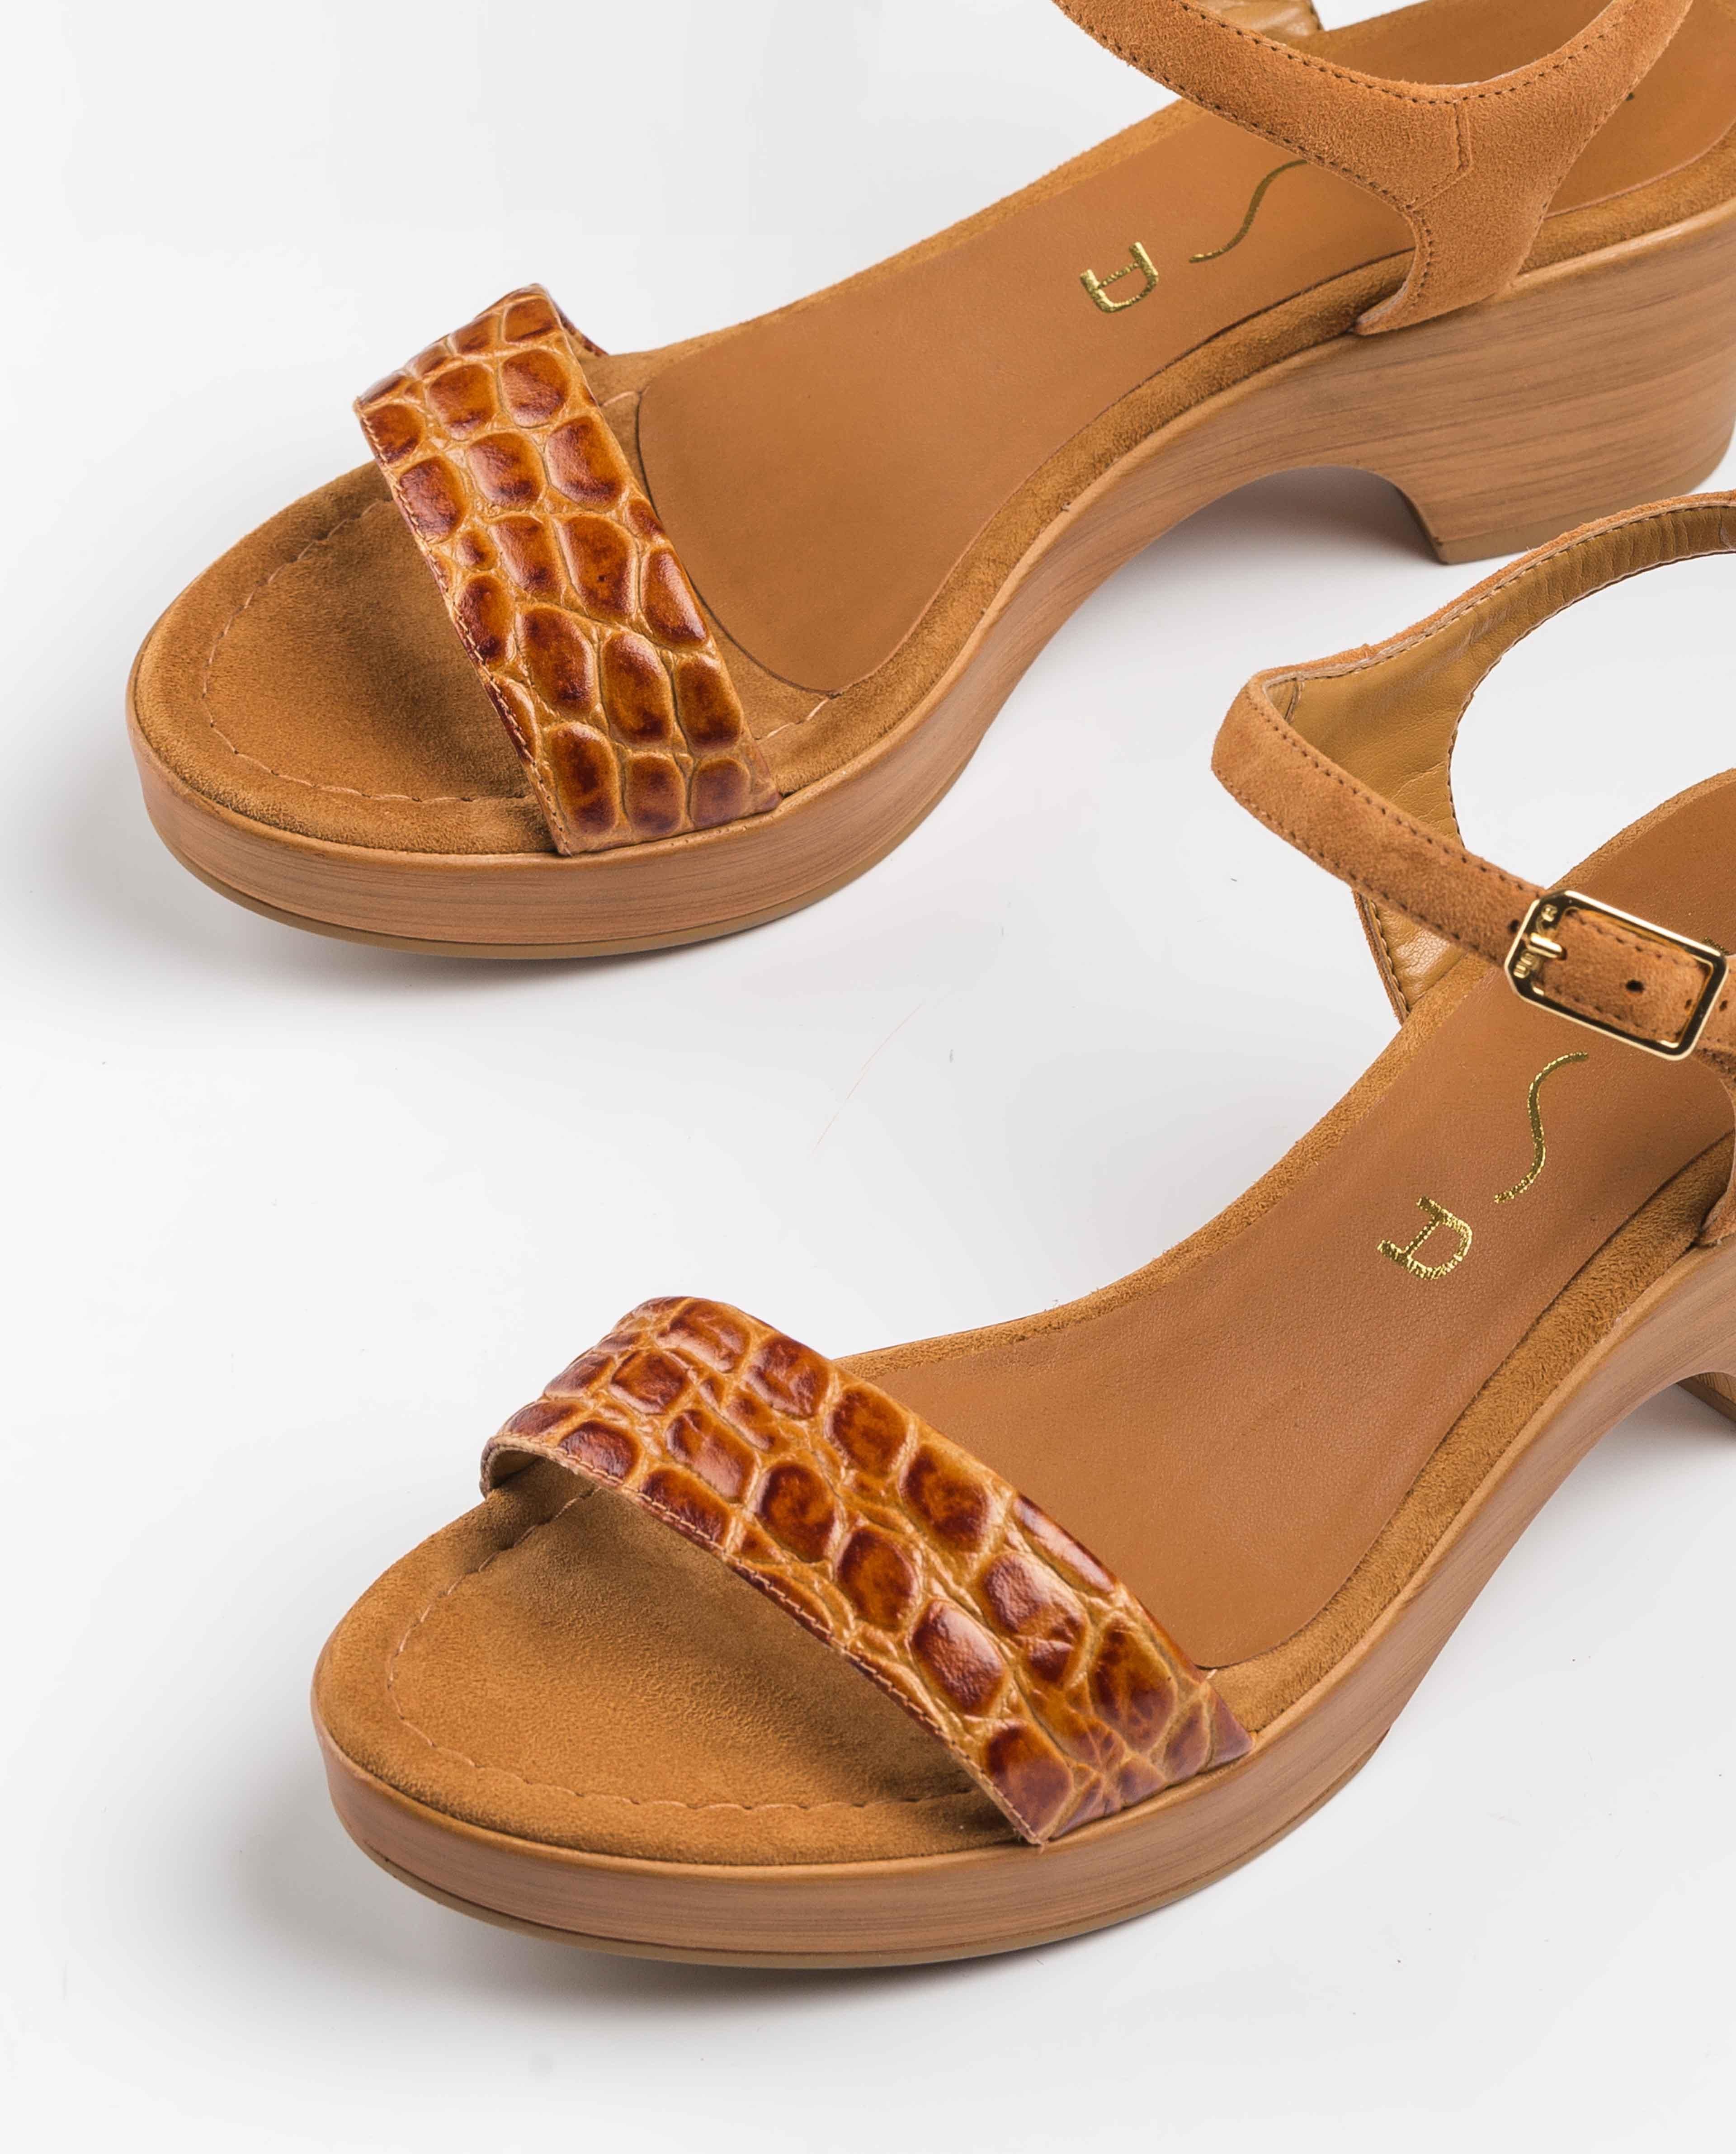 UNISA Sandale bloc crocodile IRITA_20_CRW_KS bisquit 3